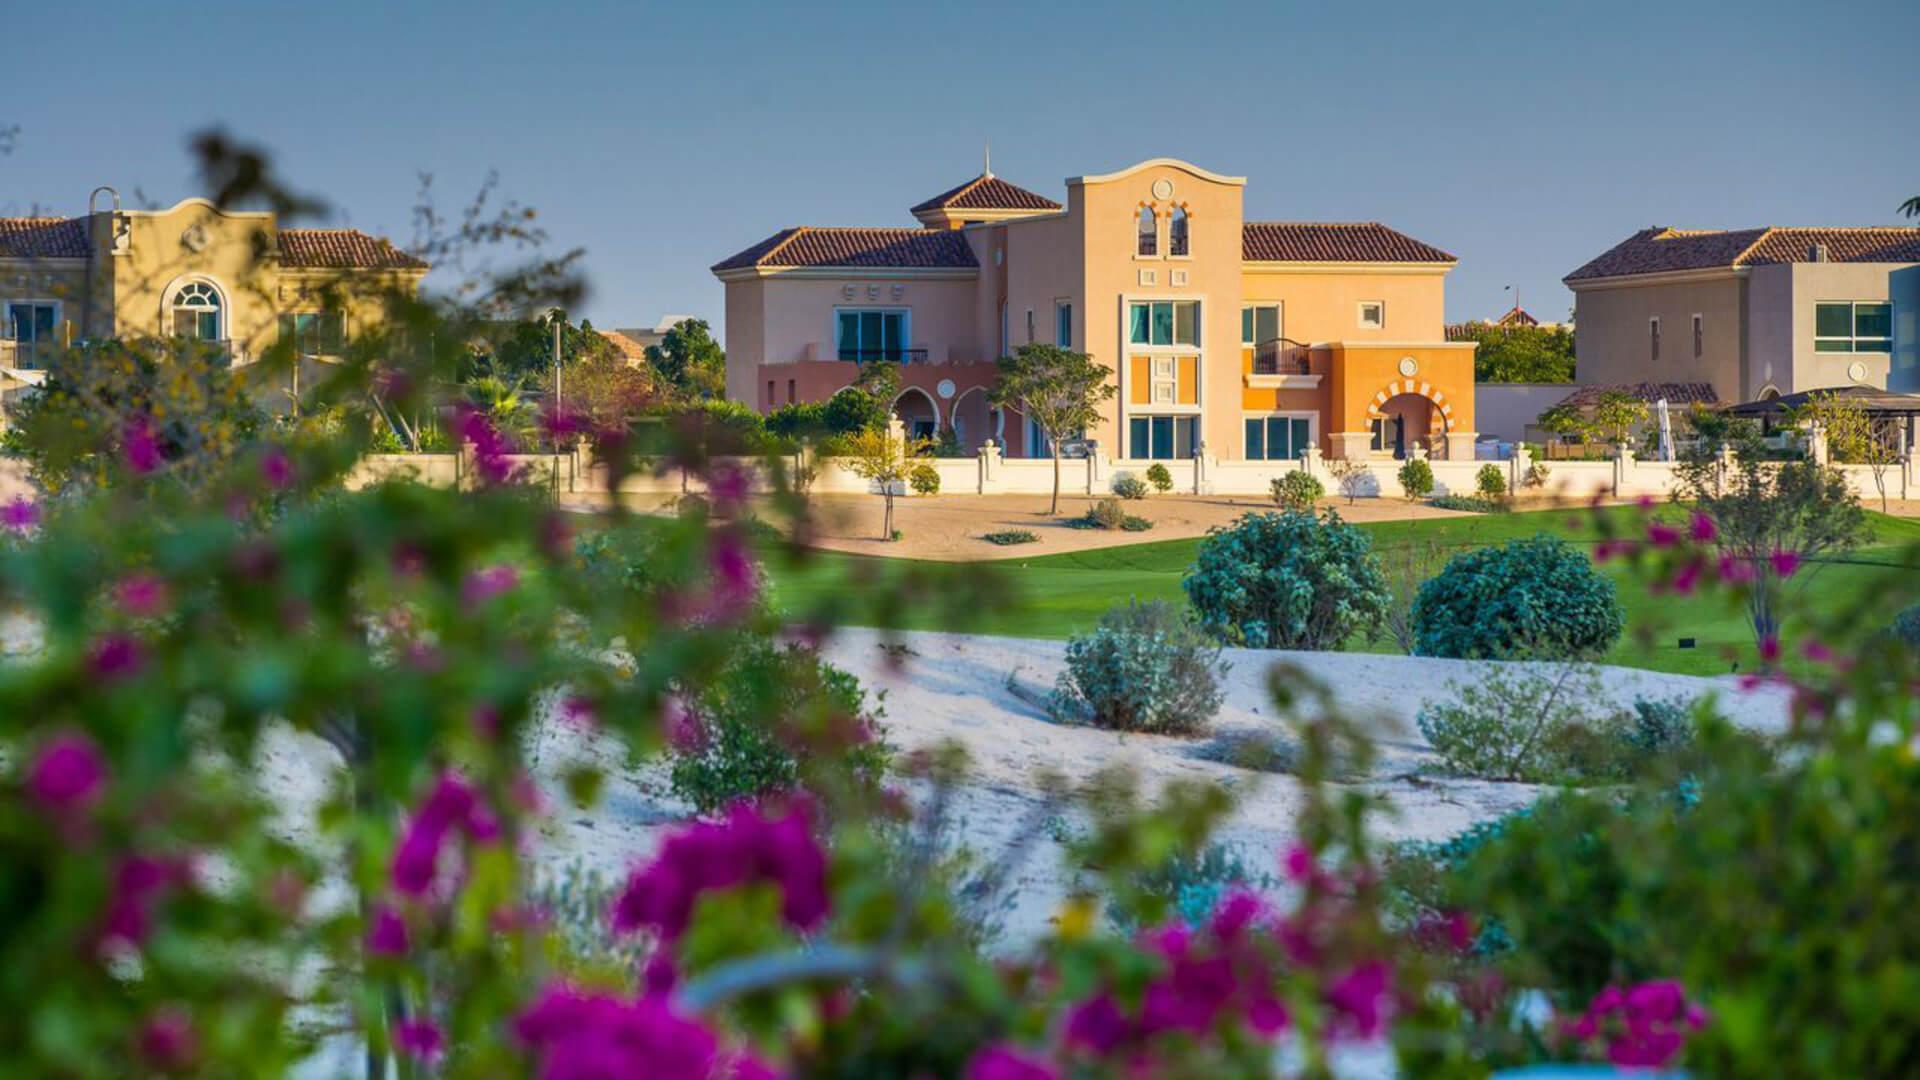 Adosado en venta en Dubai, EAU, 3 dormitorios, 270 m2, № 24045 – foto 5